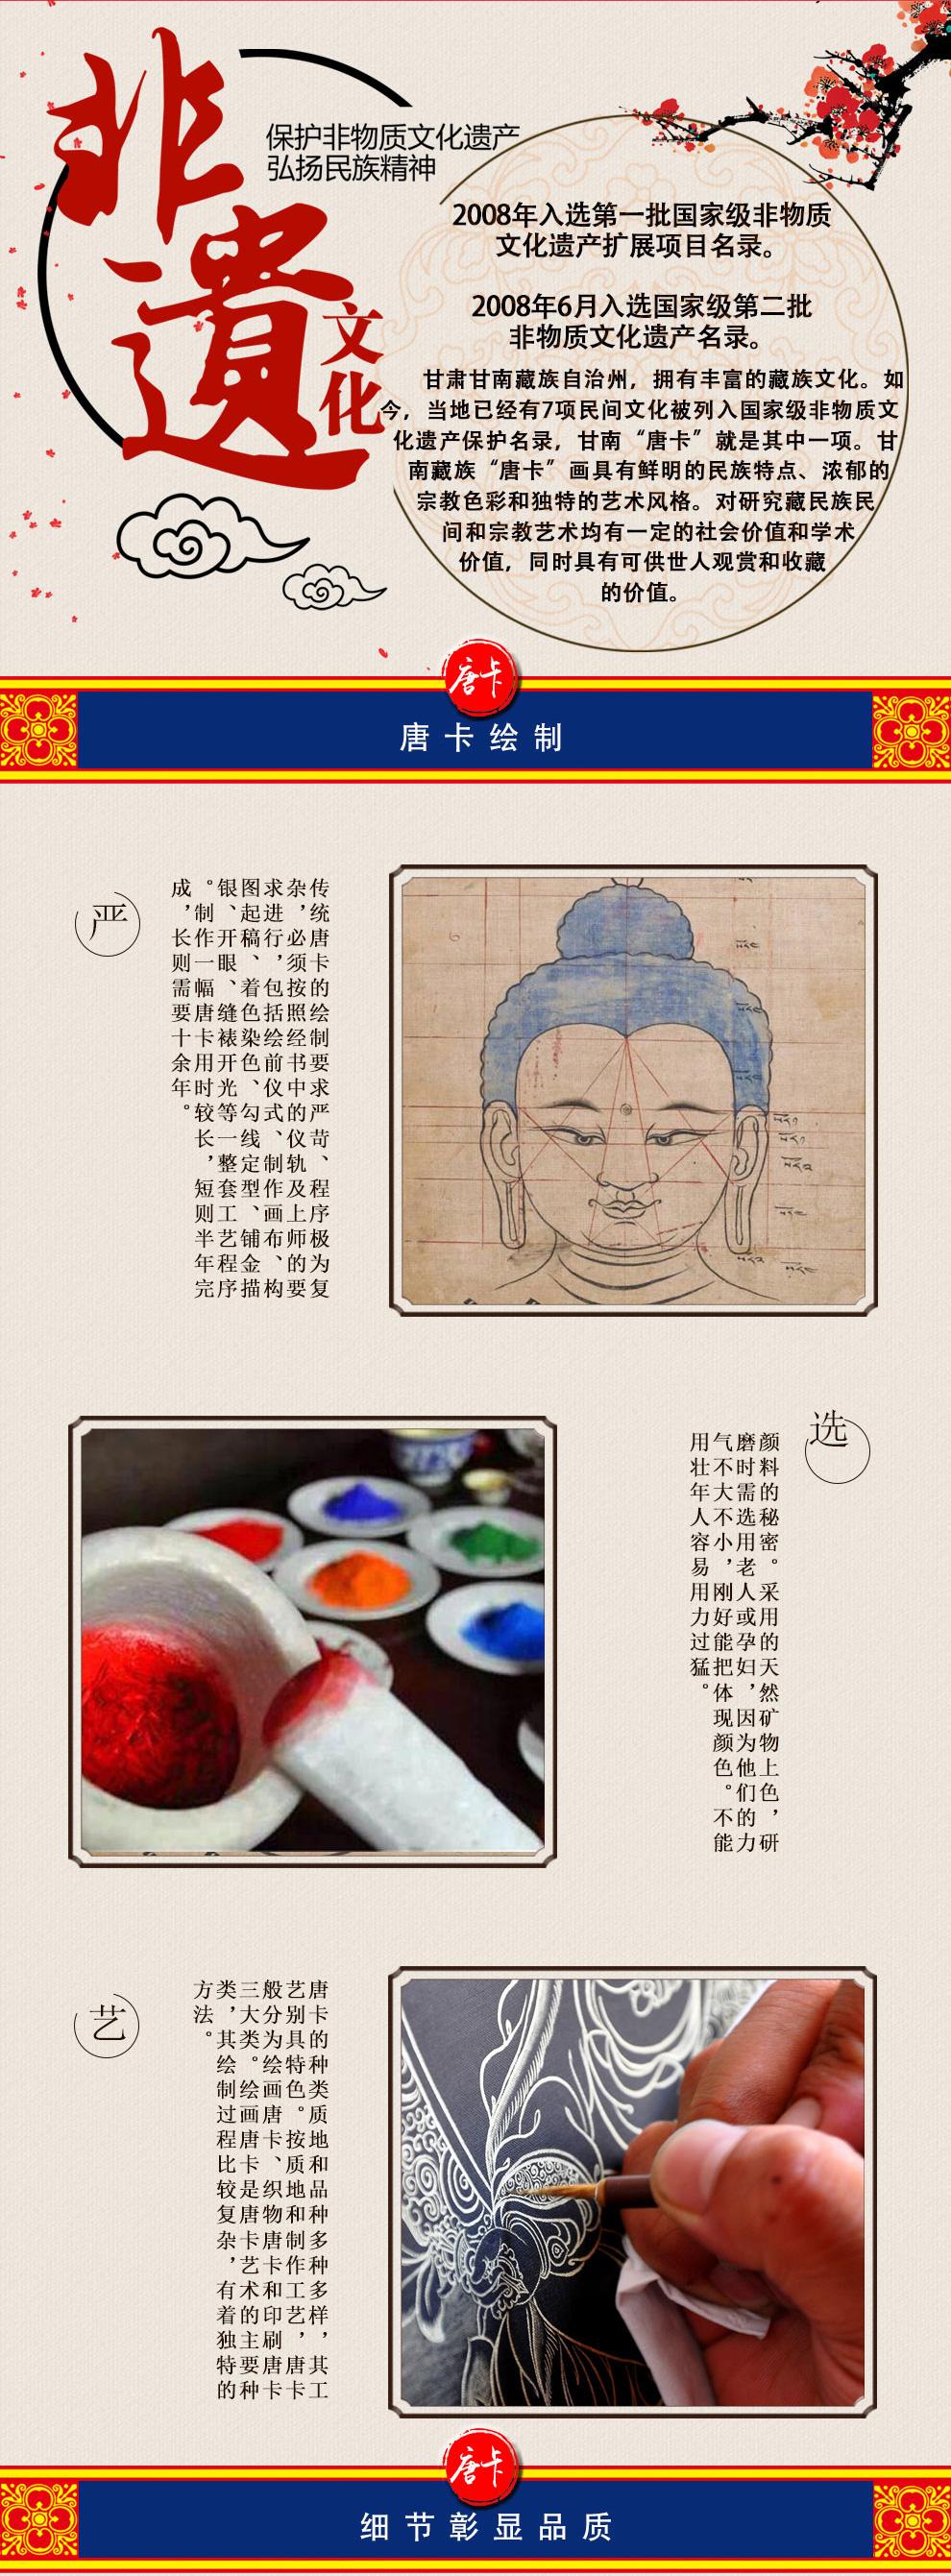 精品小尺寸圆形手绘描金坛城唐卡